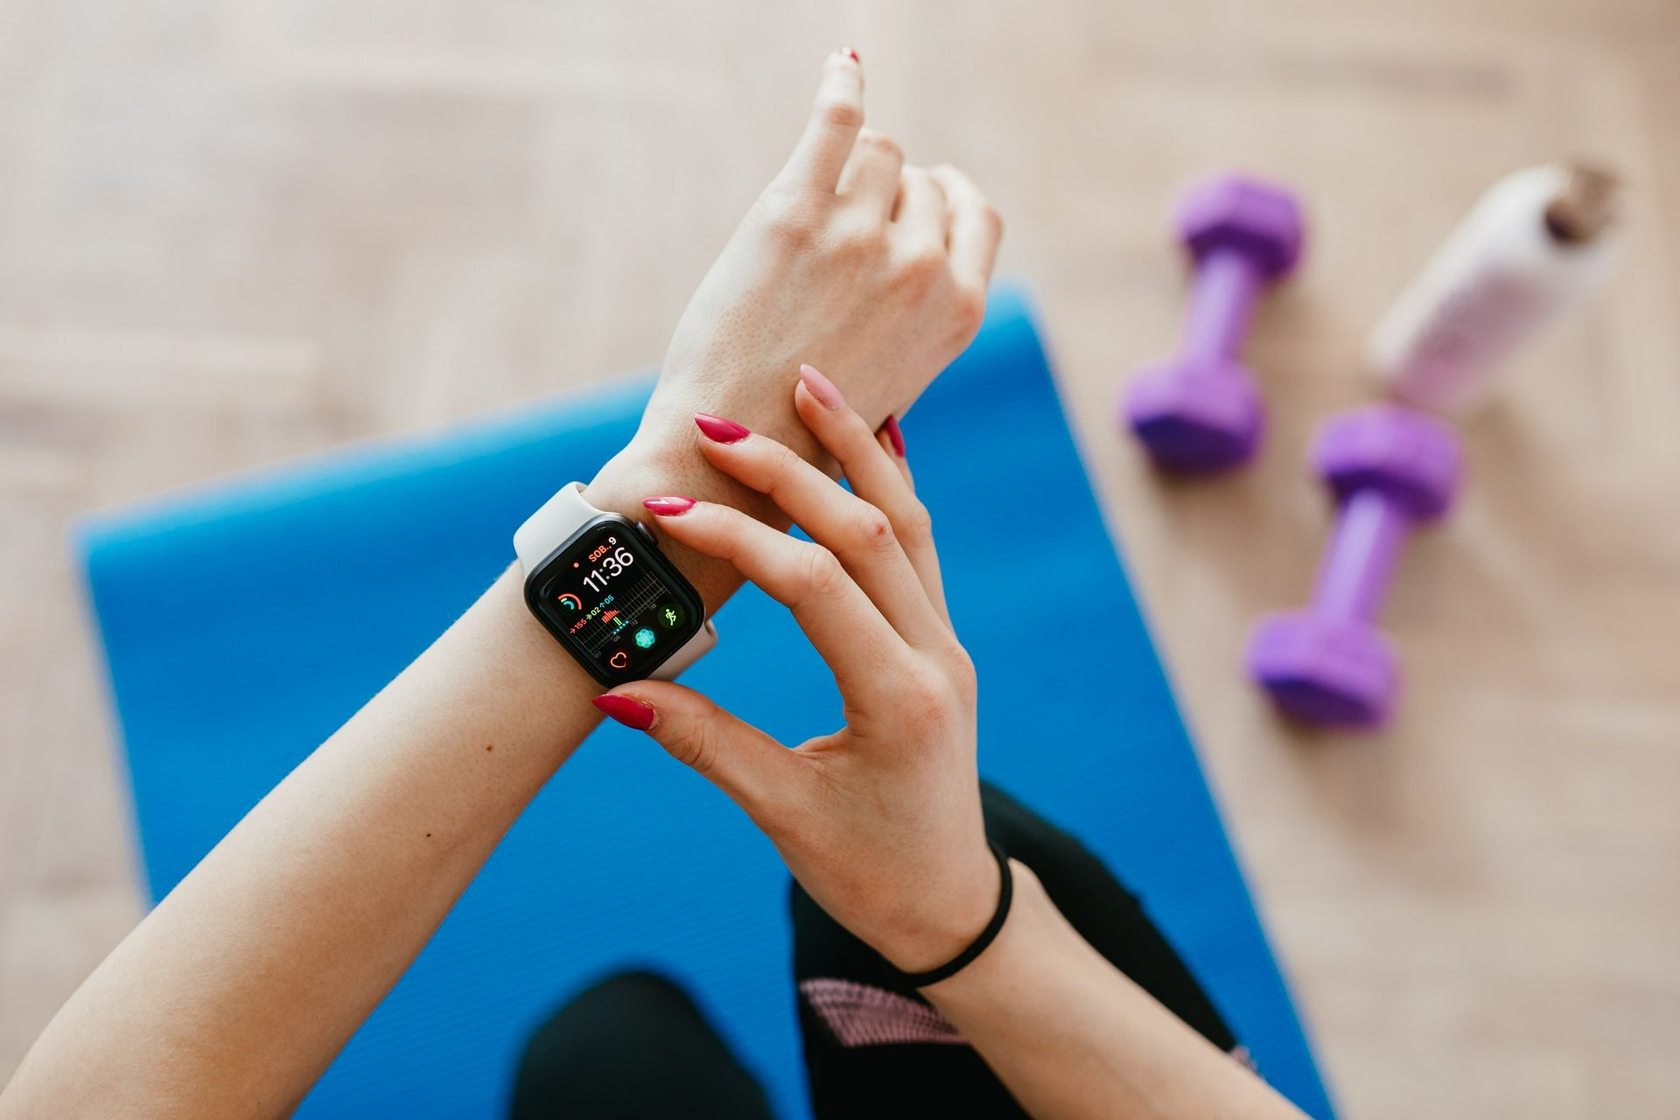 suivre vos entraînements, 30 minutes par jour seulement est extrêmement bénéfique pour votre santé